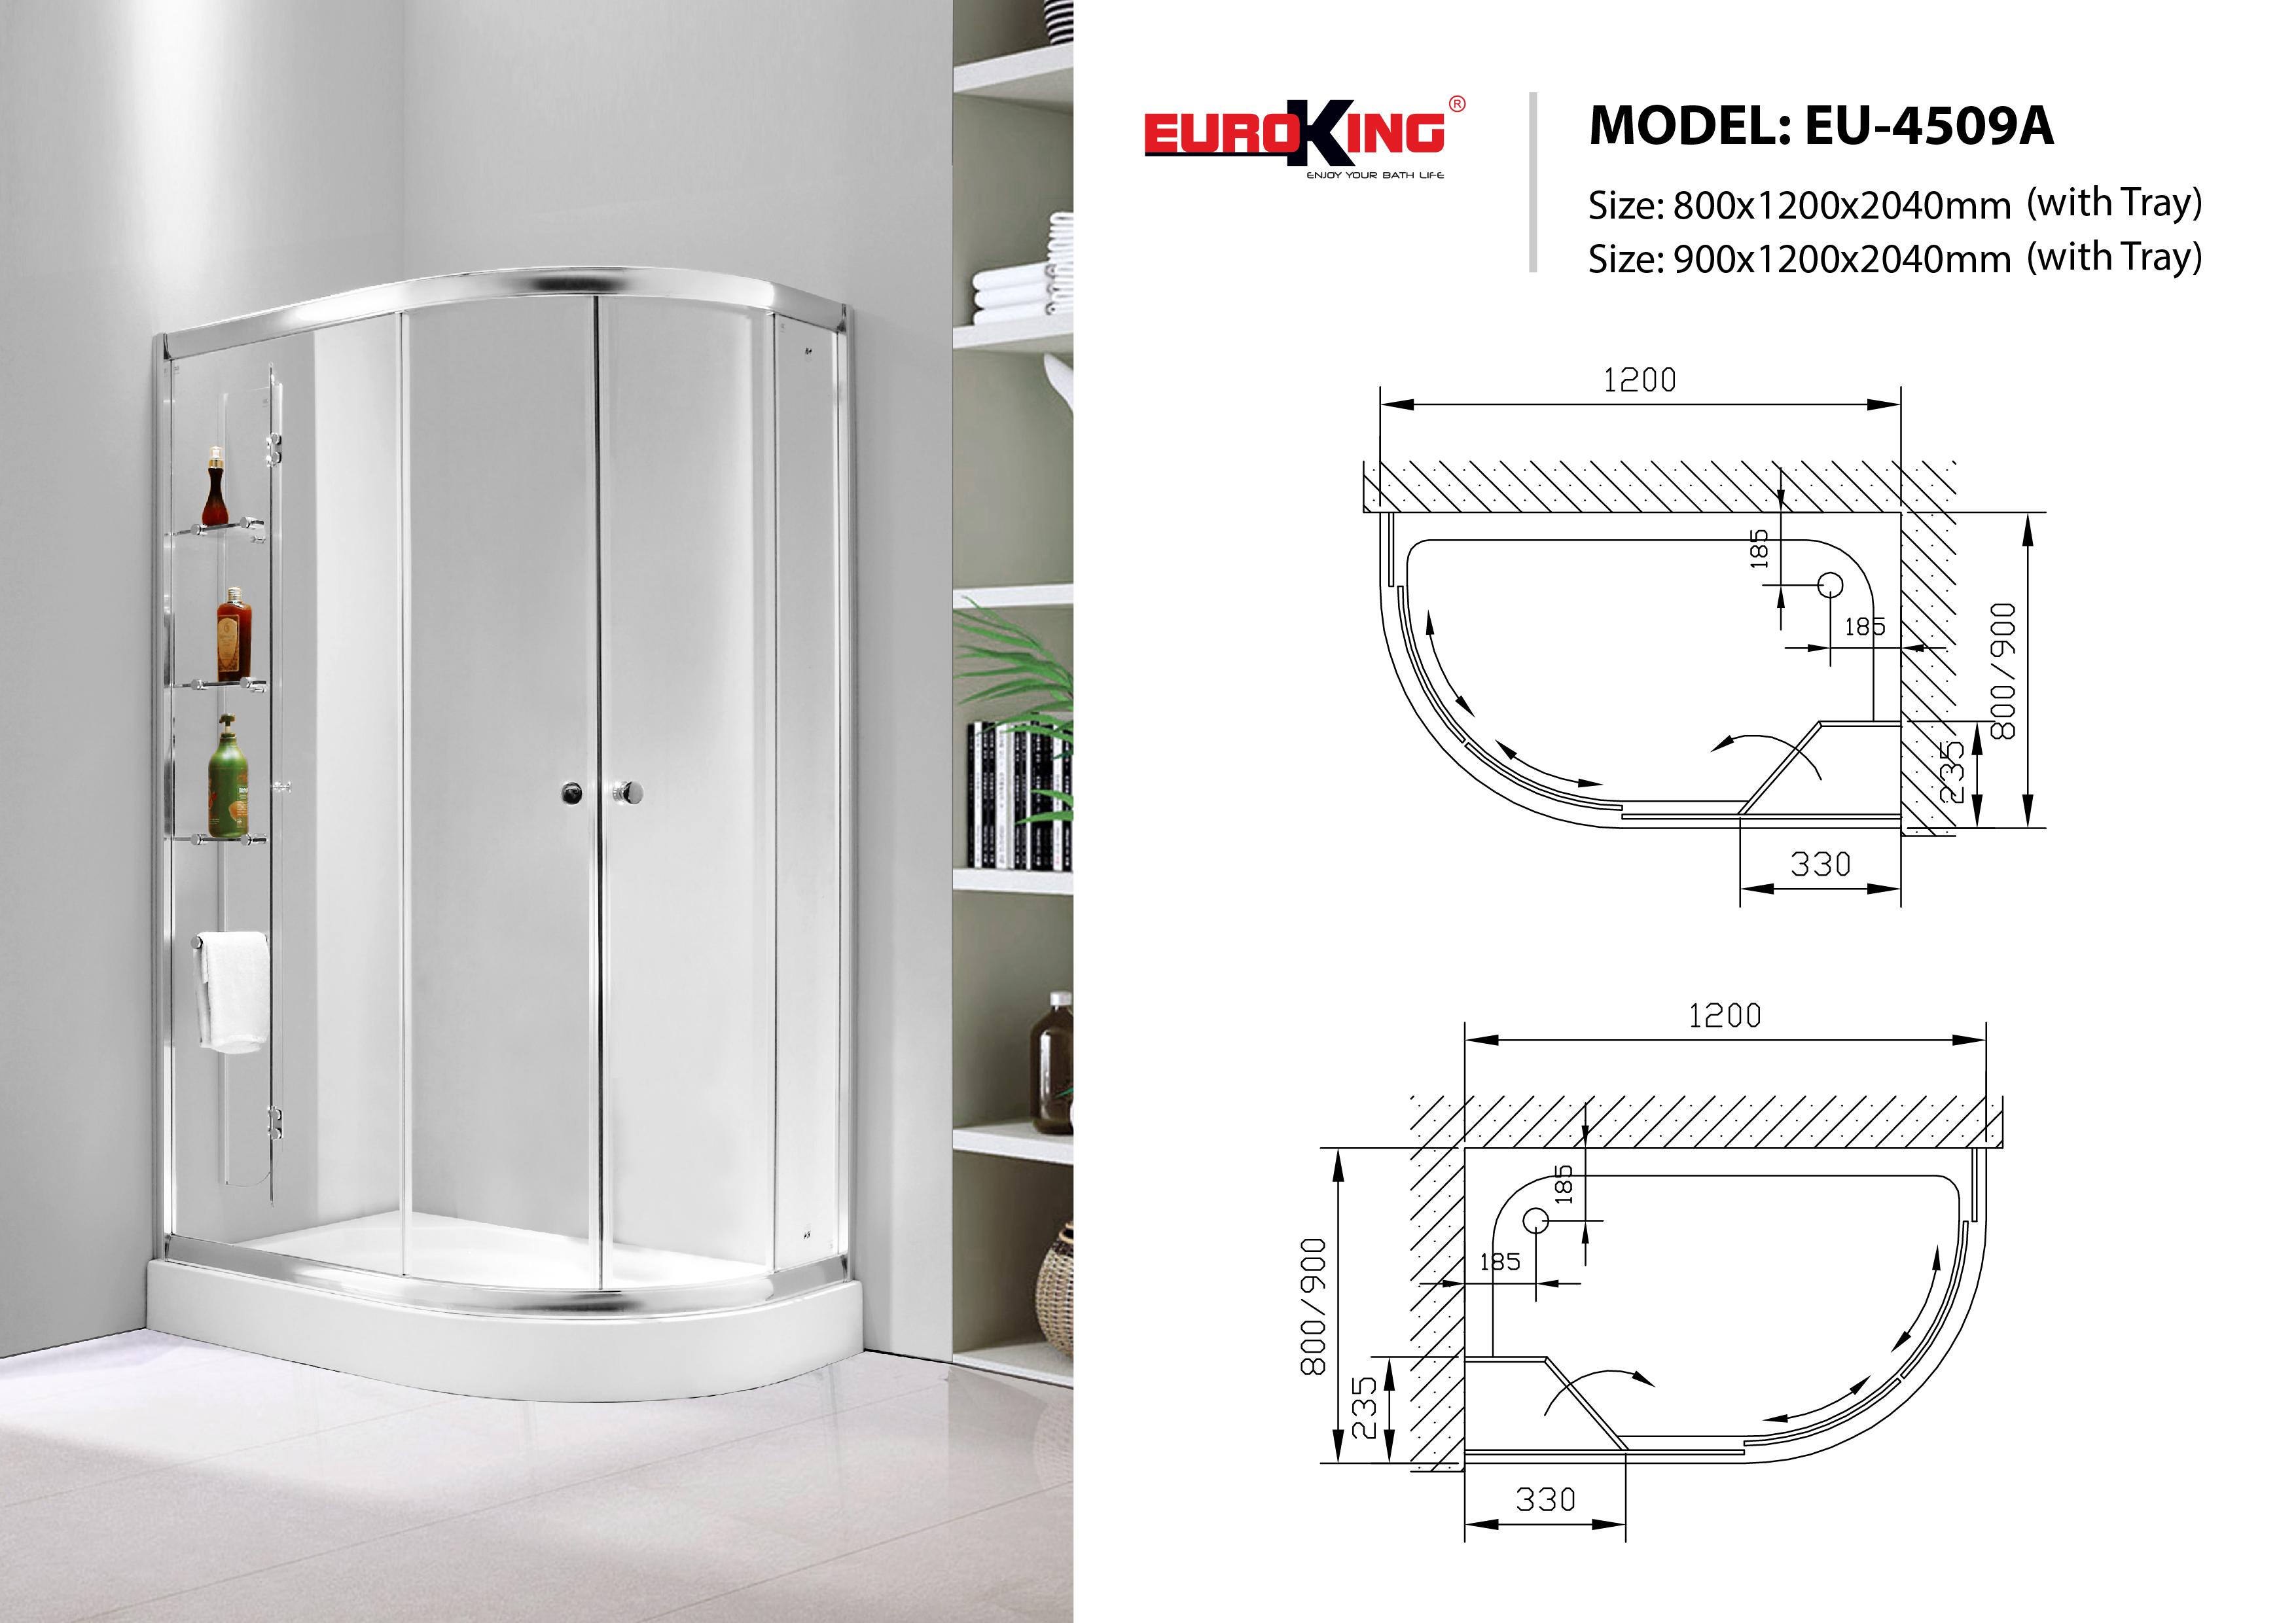 Sơ đồ kỹ thuật EU-4509